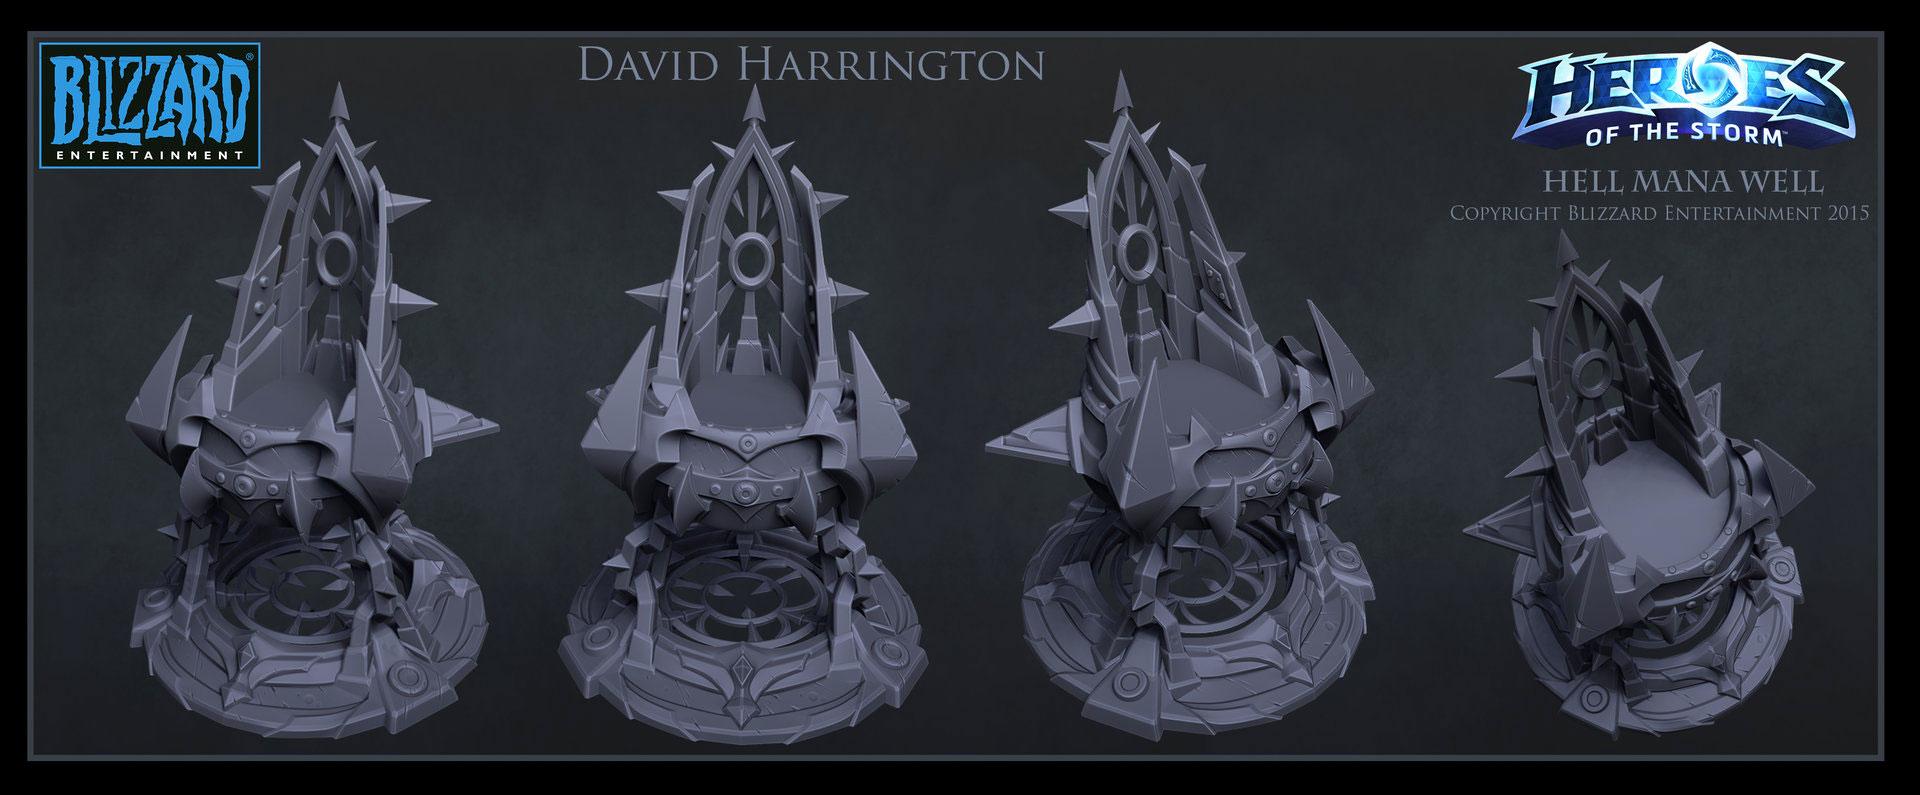 davidharrington_07